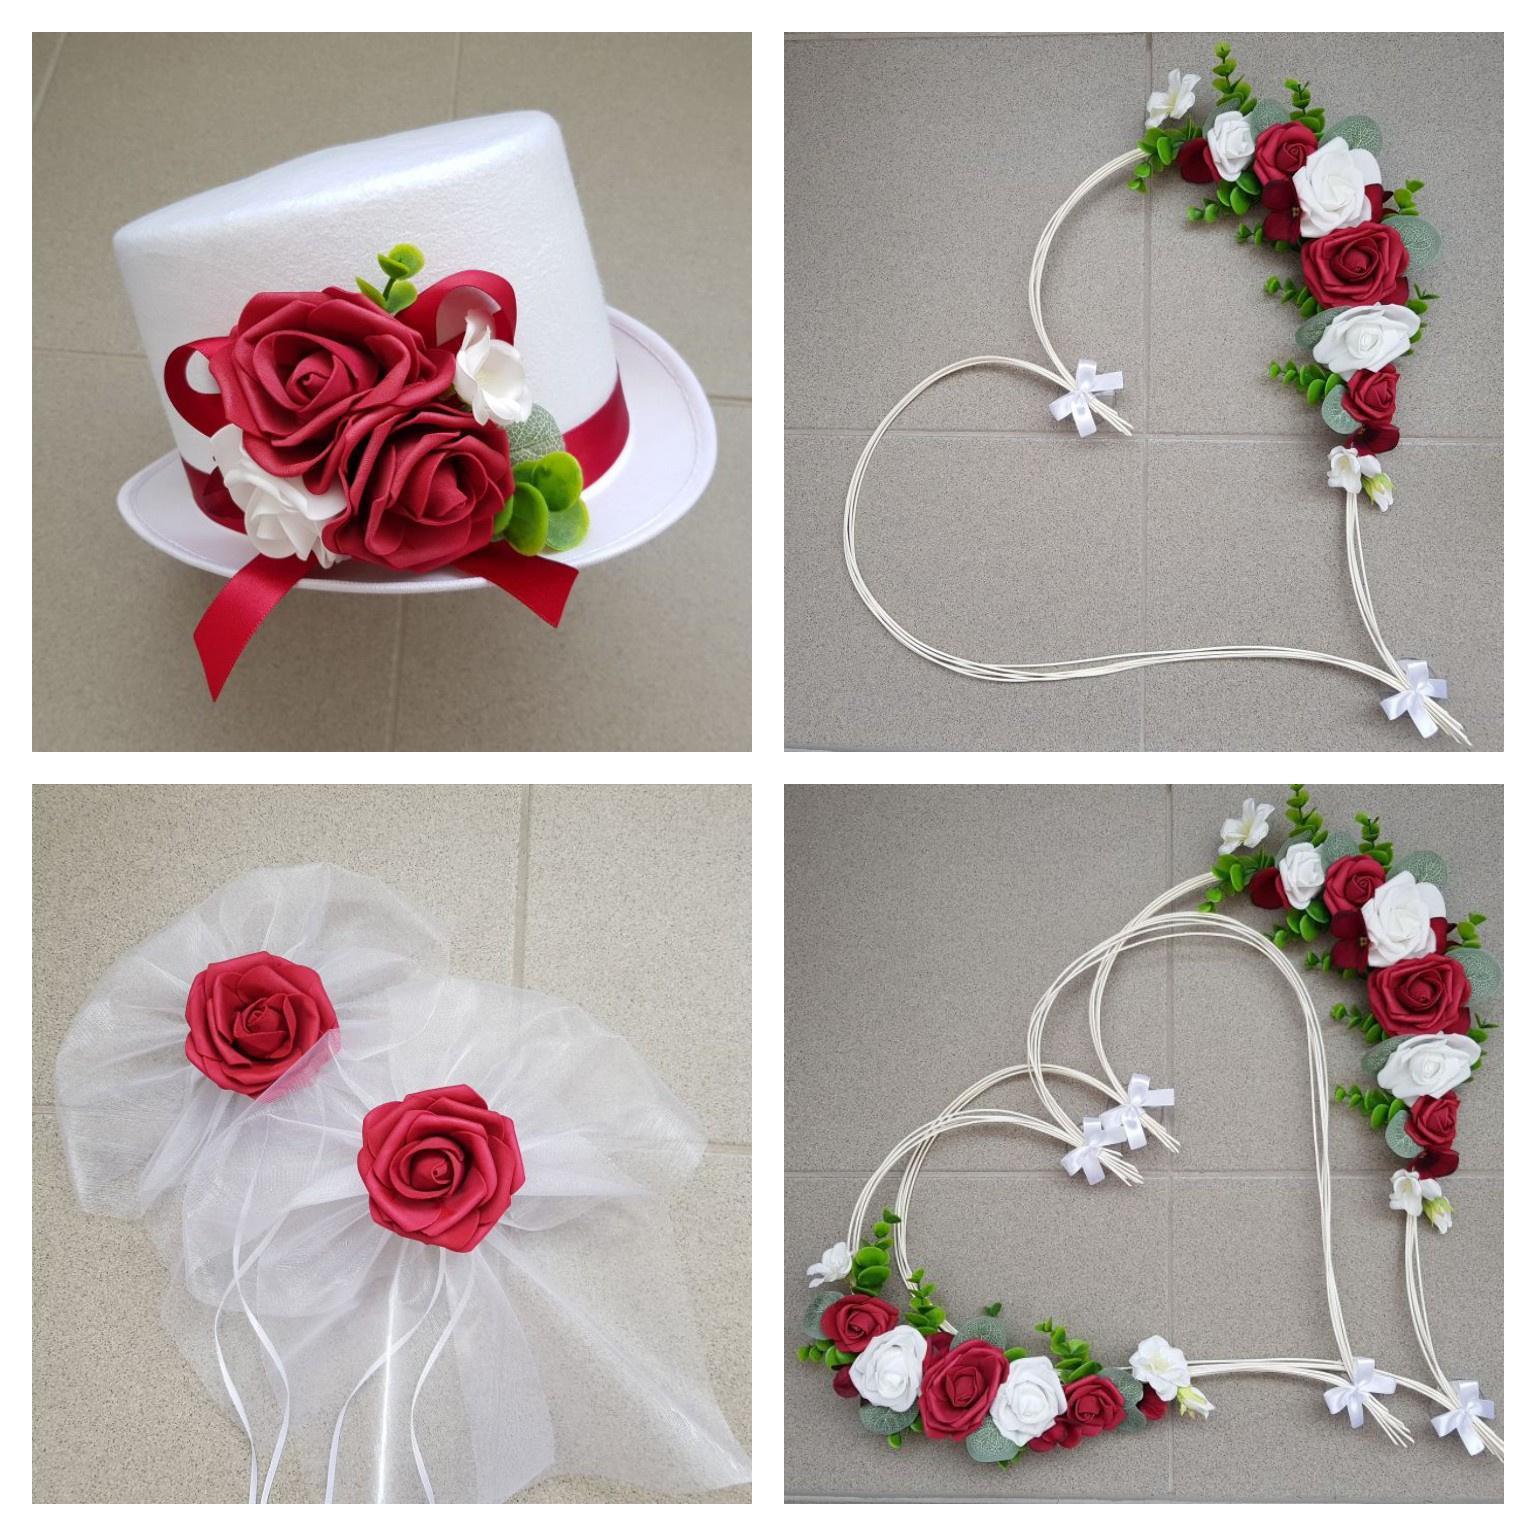 Srdce na kapotu bílá, vínová a růžová - Obrázek č. 4